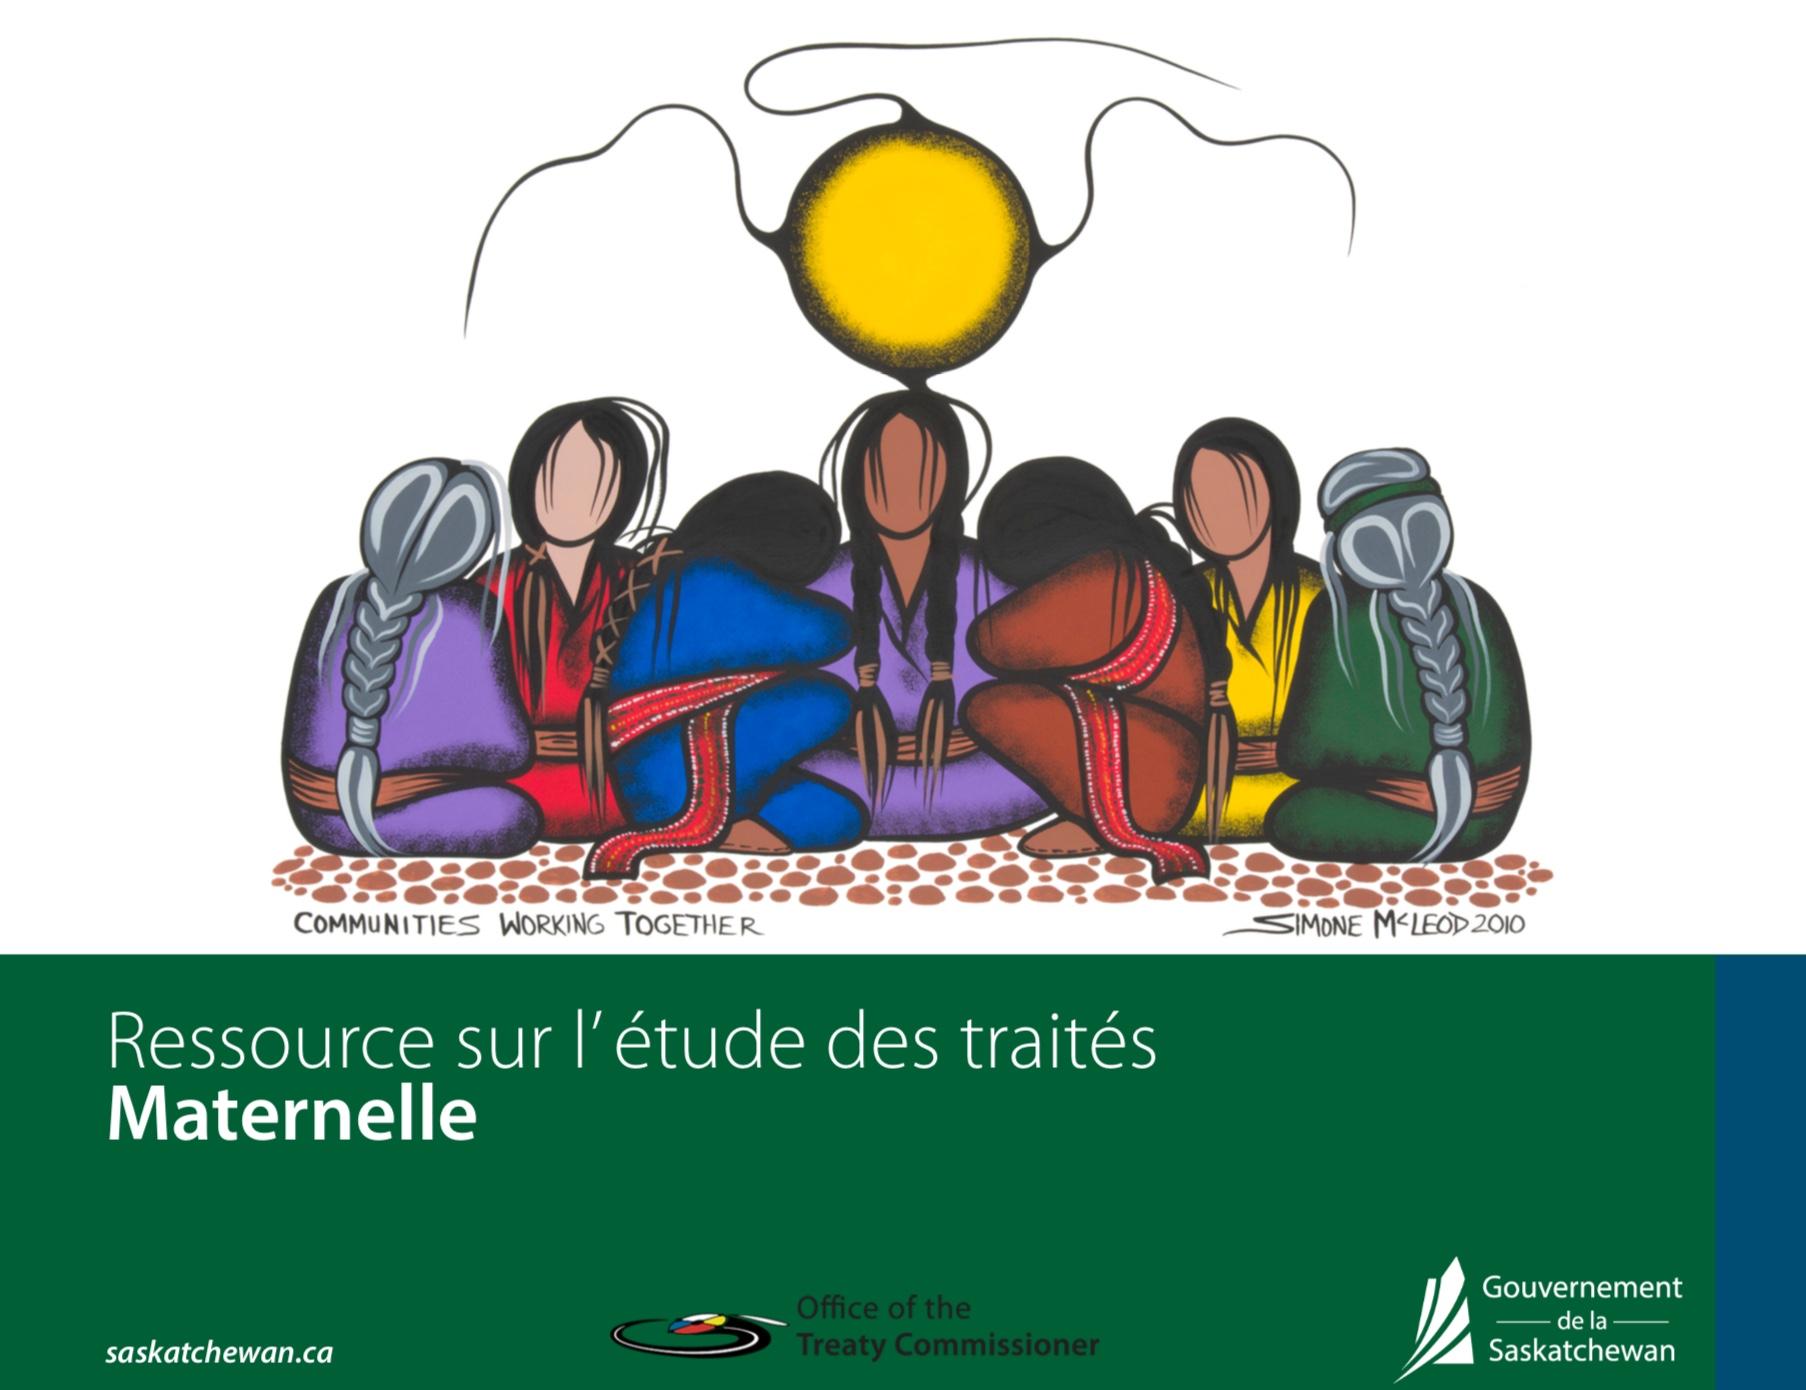 Ressource sur l' étude des traités - Maternelle